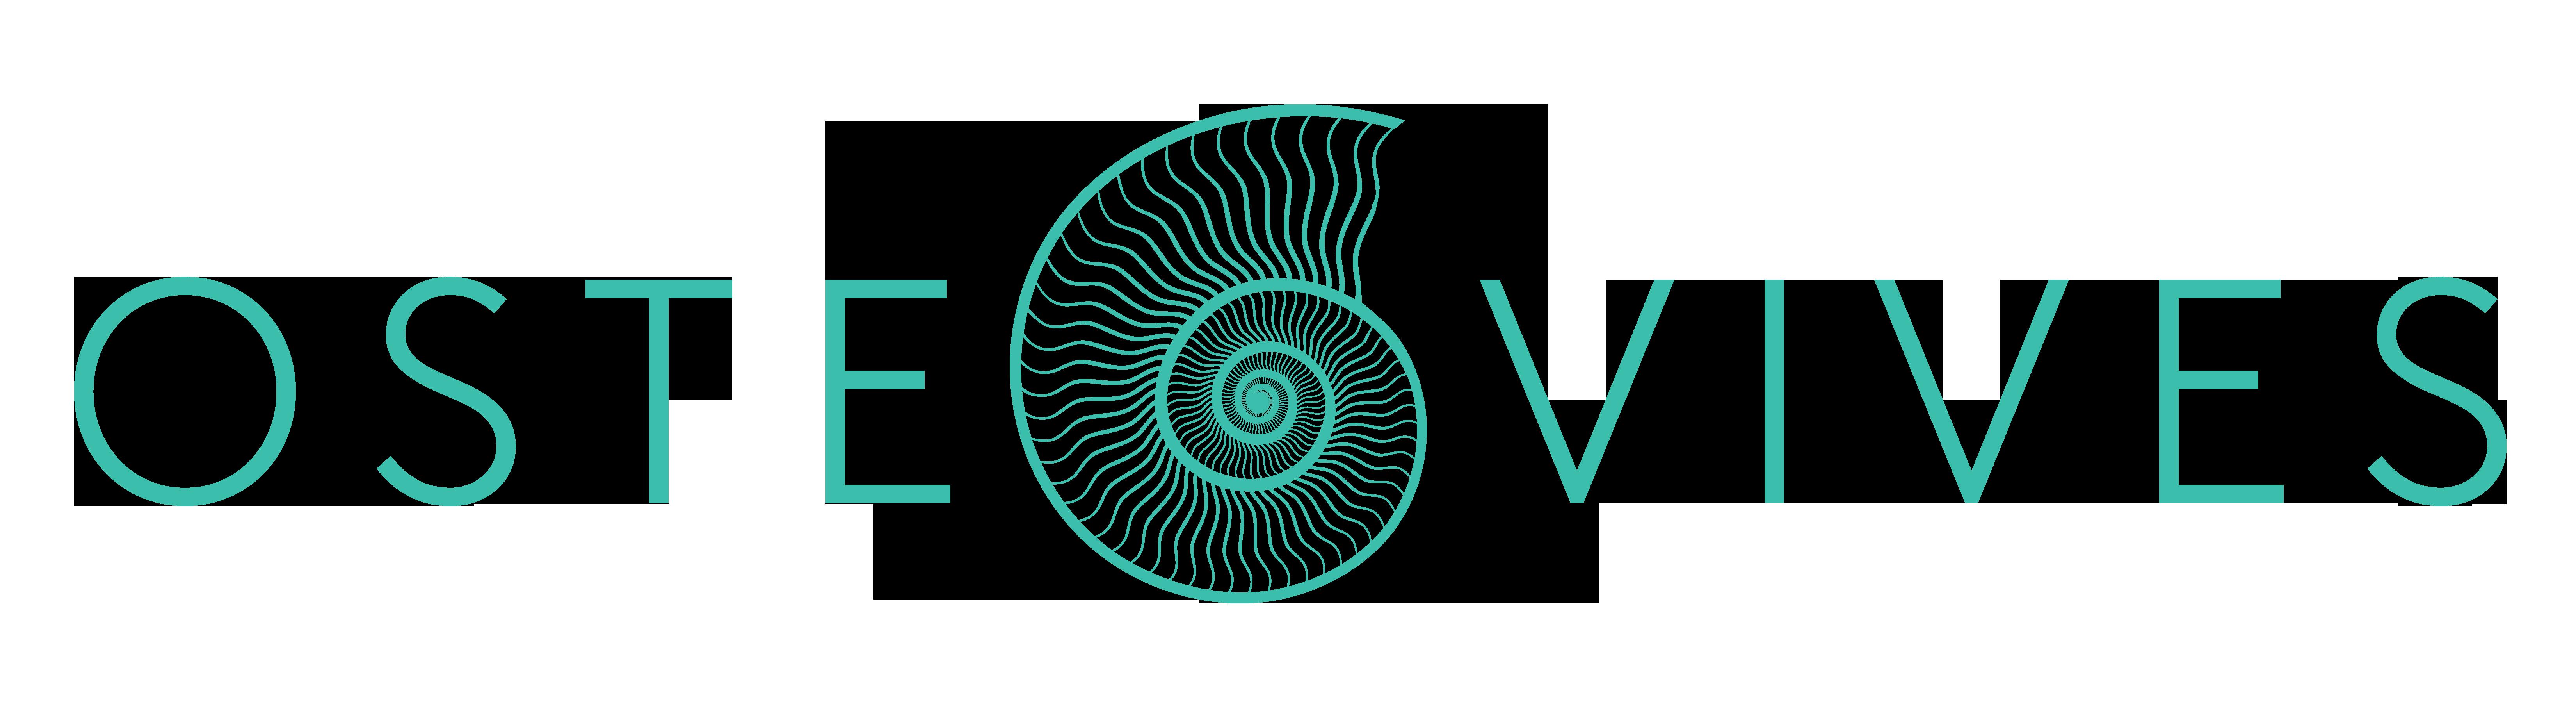 Osteopathe-Eaux-Vives-Geneve-Suisse-Laila-Kothenburger-Osteopathie-Bienvenue-Cabinet-Logo